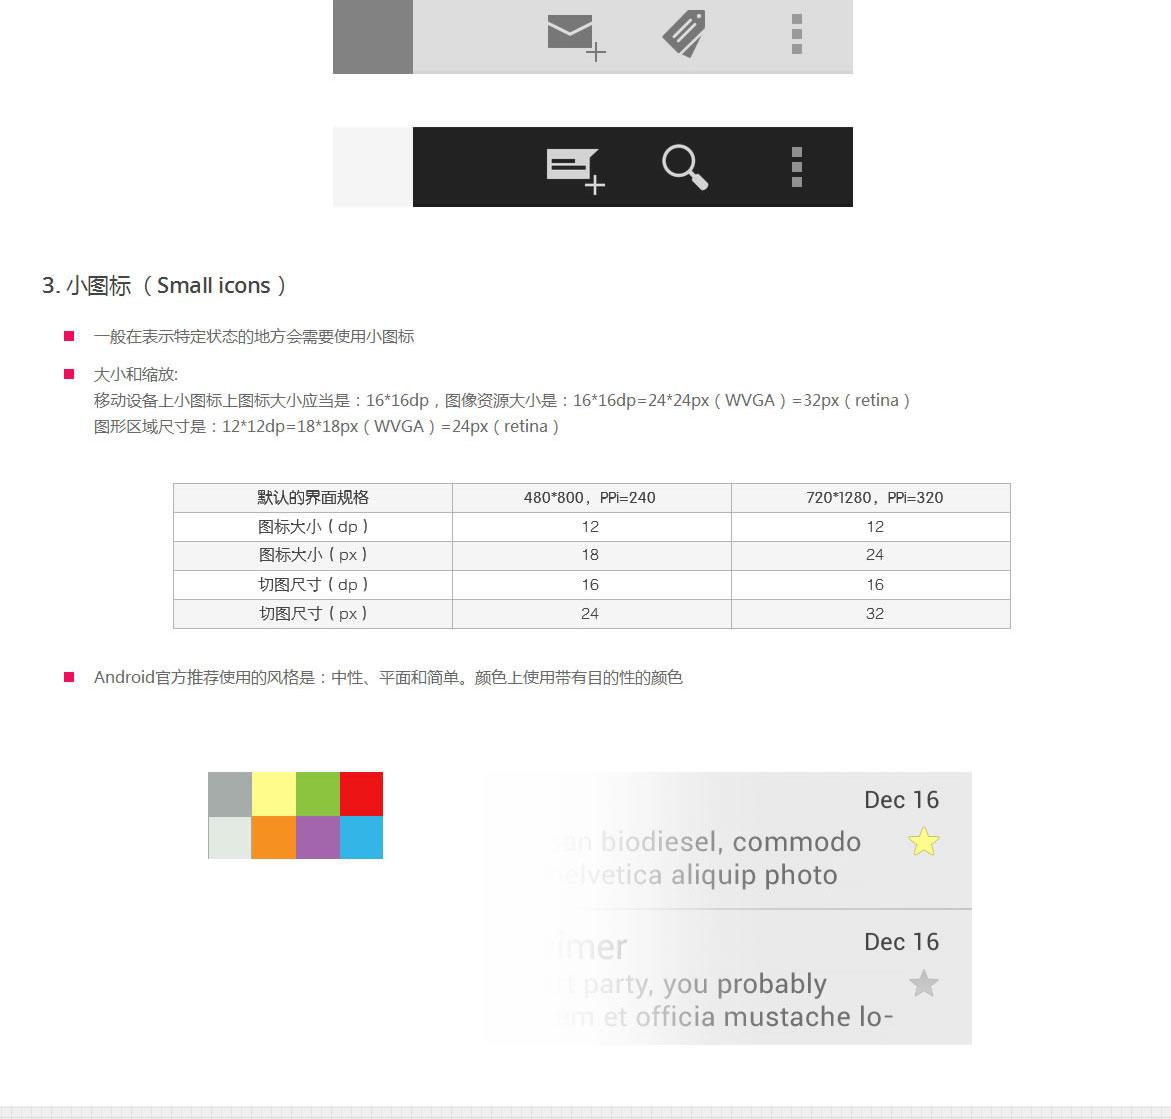 android界面设计视觉规范